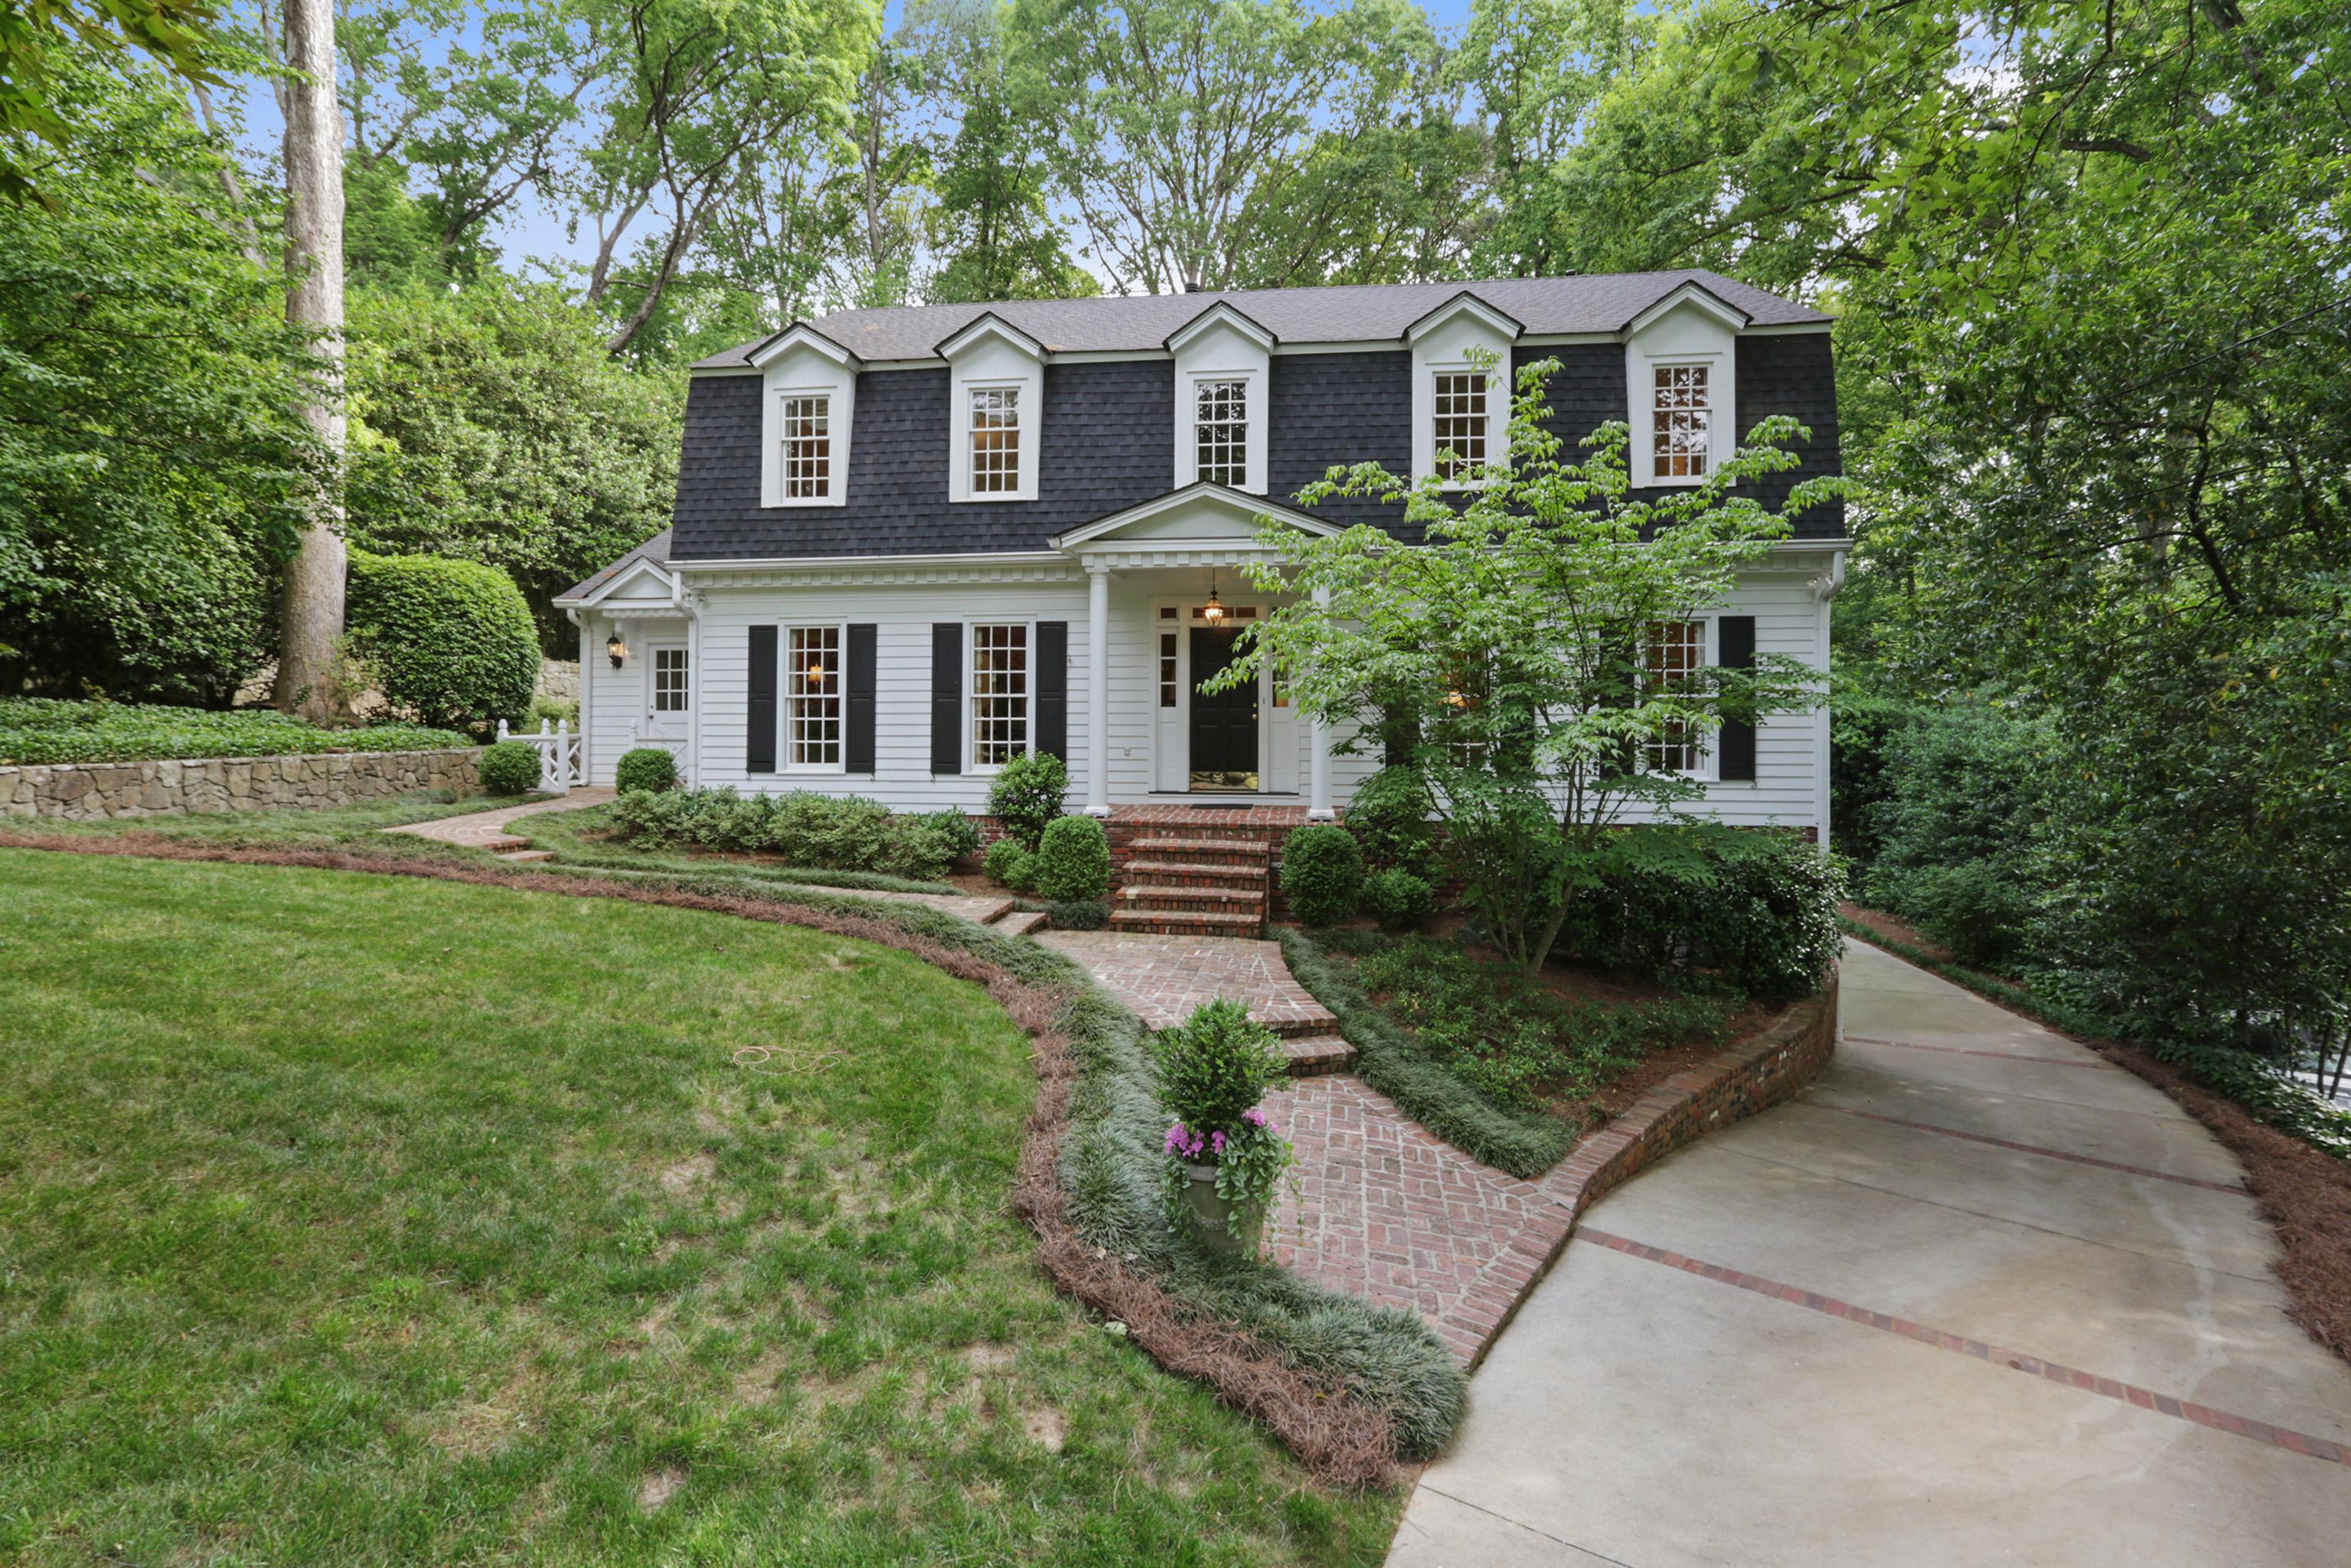 一戸建て のために 売買 アット Hilltop Elegance 2330 Christopher Walk Hanover West, Atlanta, ジョージア 30327 アメリカ合衆国